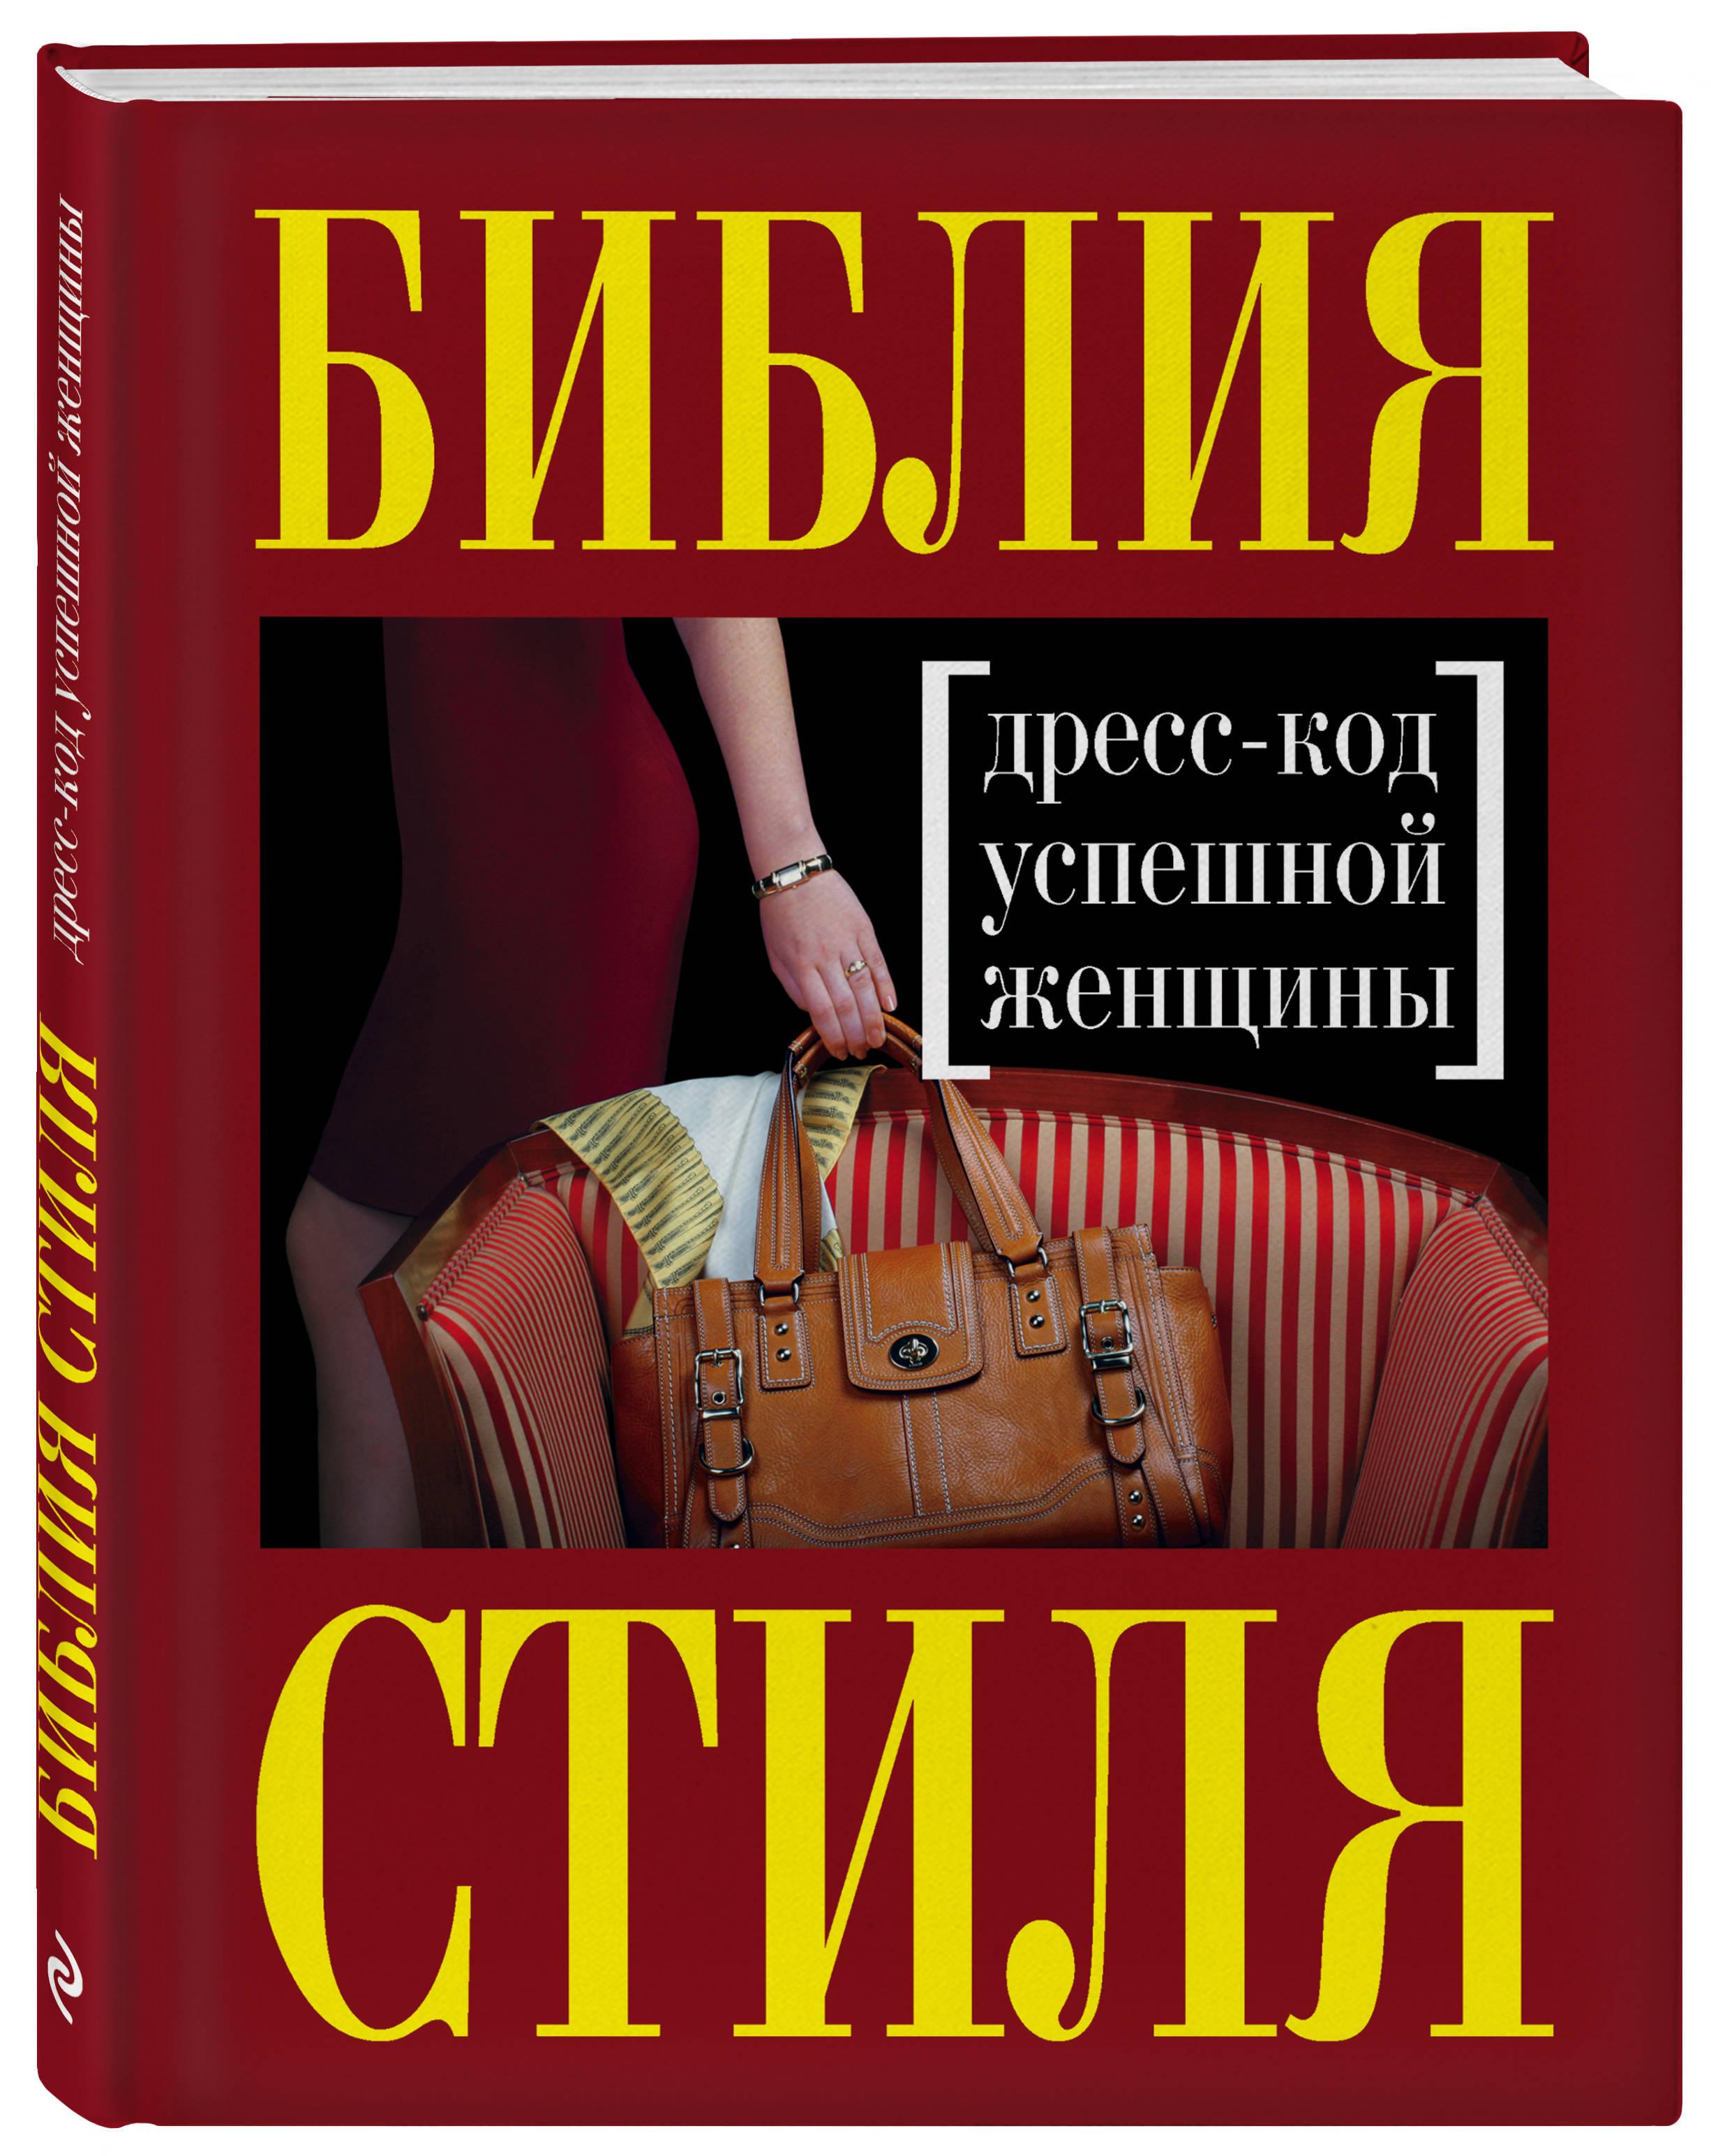 Найденская Н.Г., Трубецкова И.А. Библия стиля. Дресс-код успешной женщины (нов. оф)